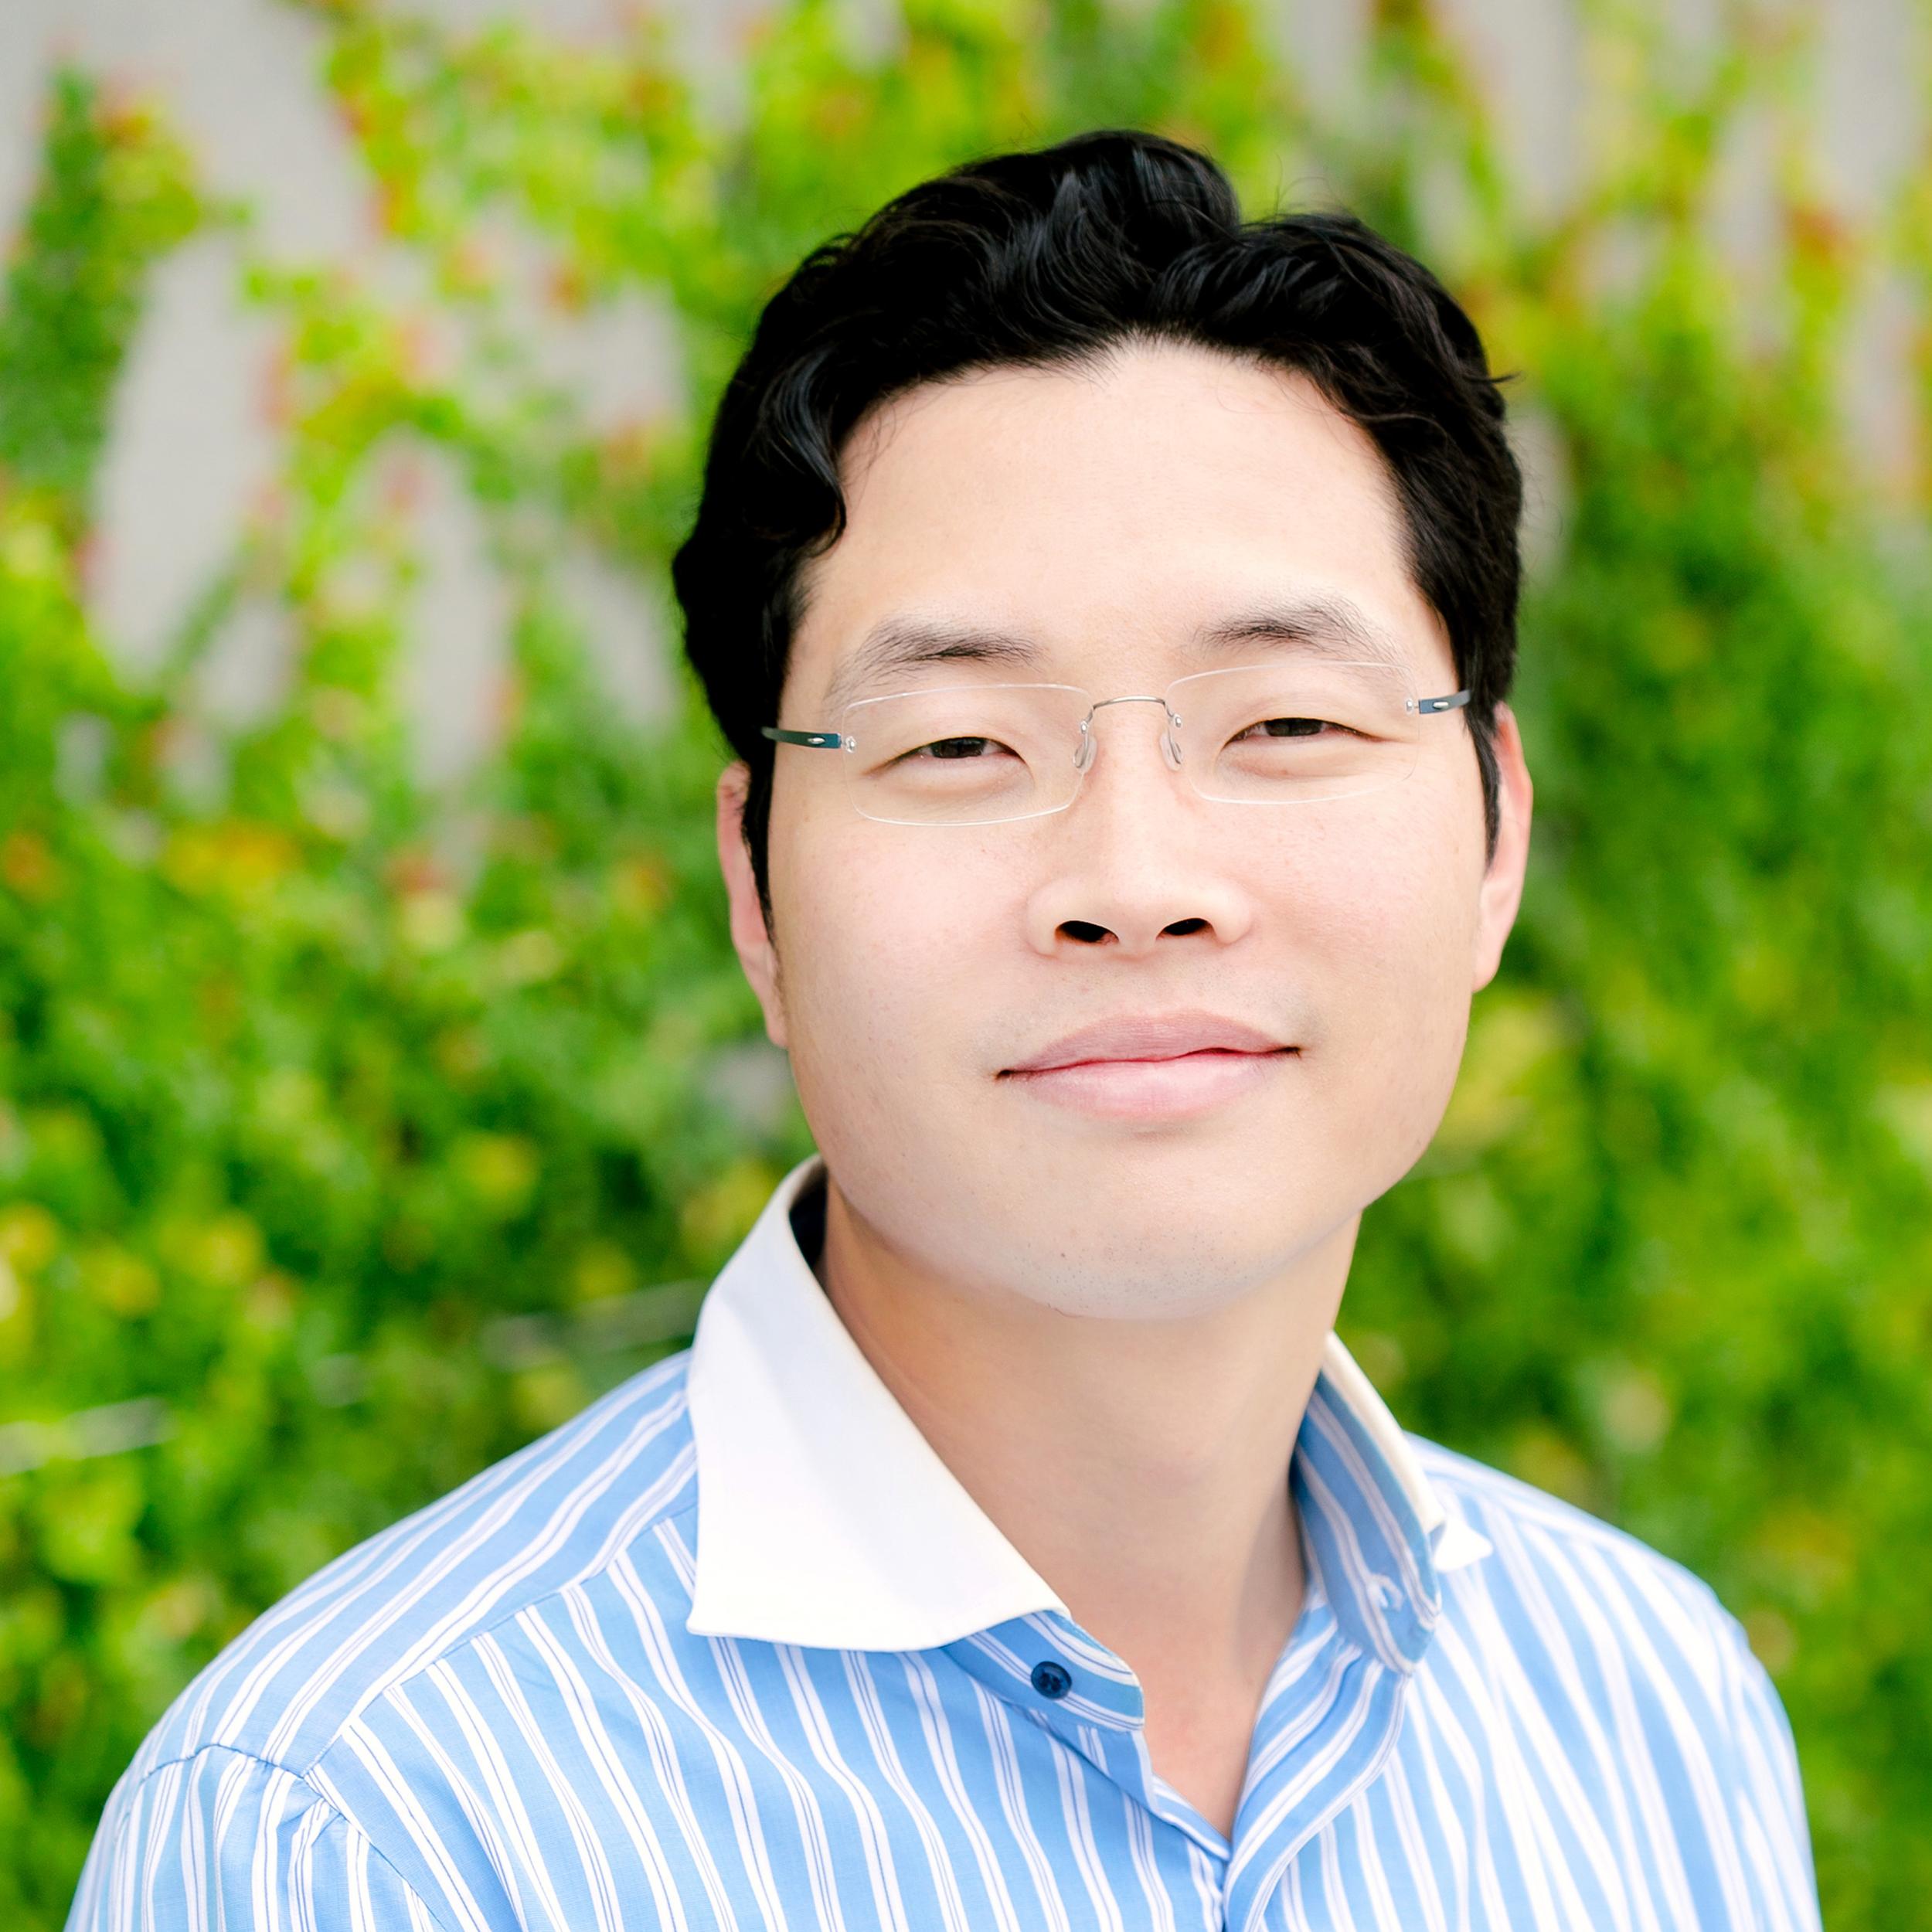 Tae Kang Case Manager